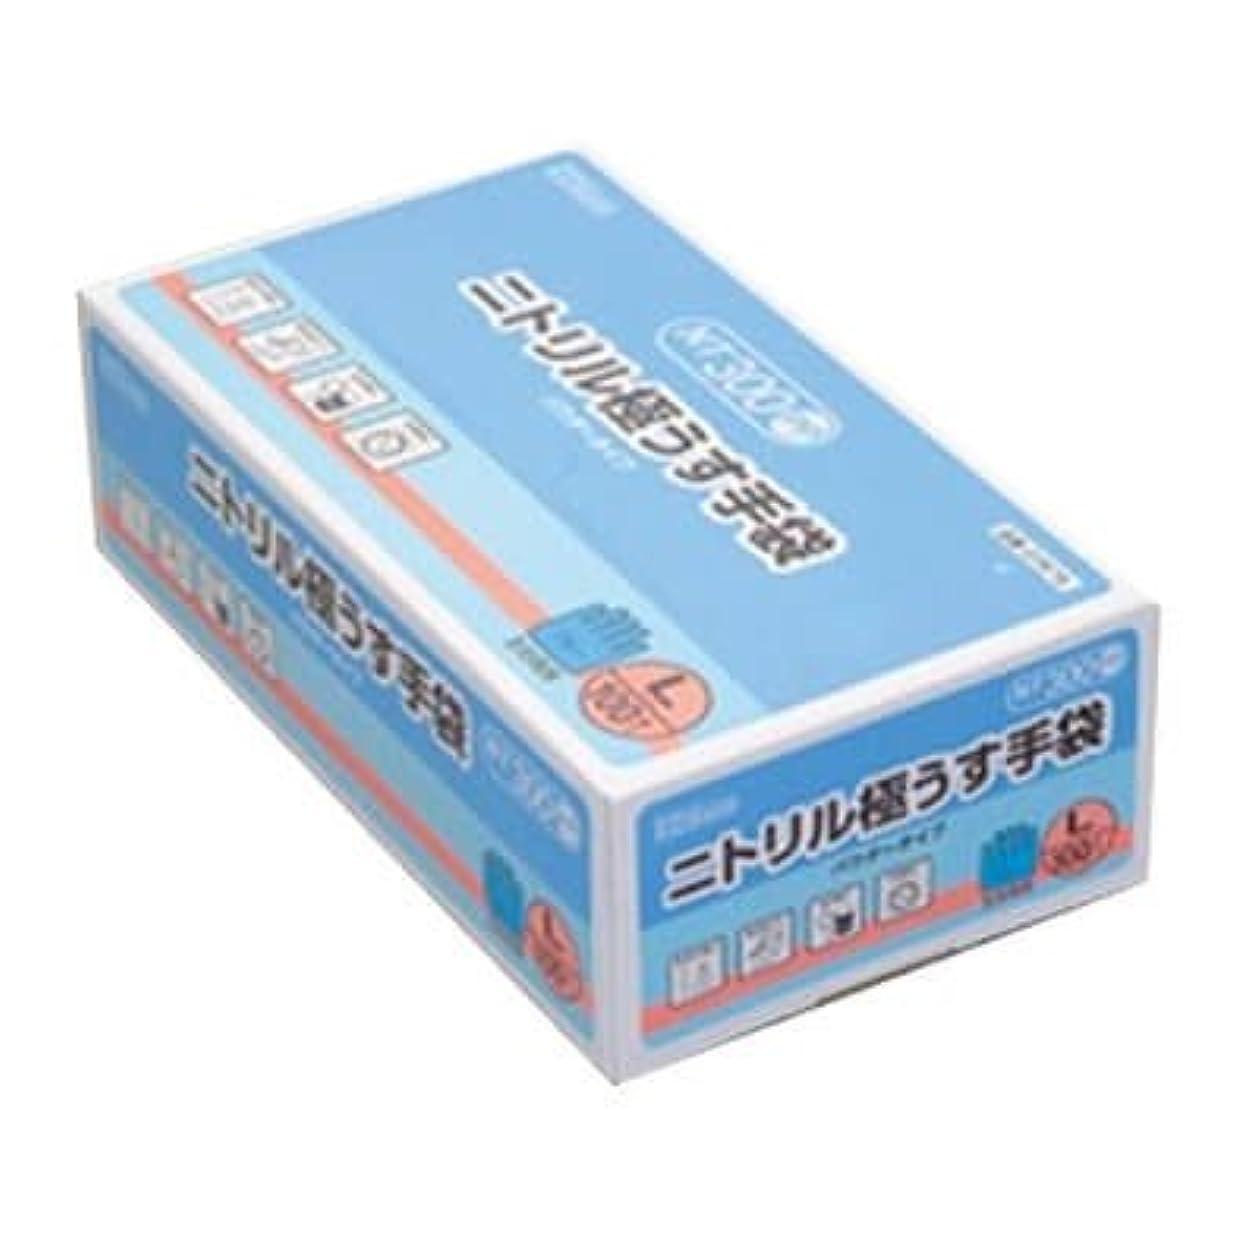 成り立つ煙同志【ケース販売】 ダンロップ ニトリル極うす手袋 粉付 L ブルー NT-300 (100枚入×20箱)